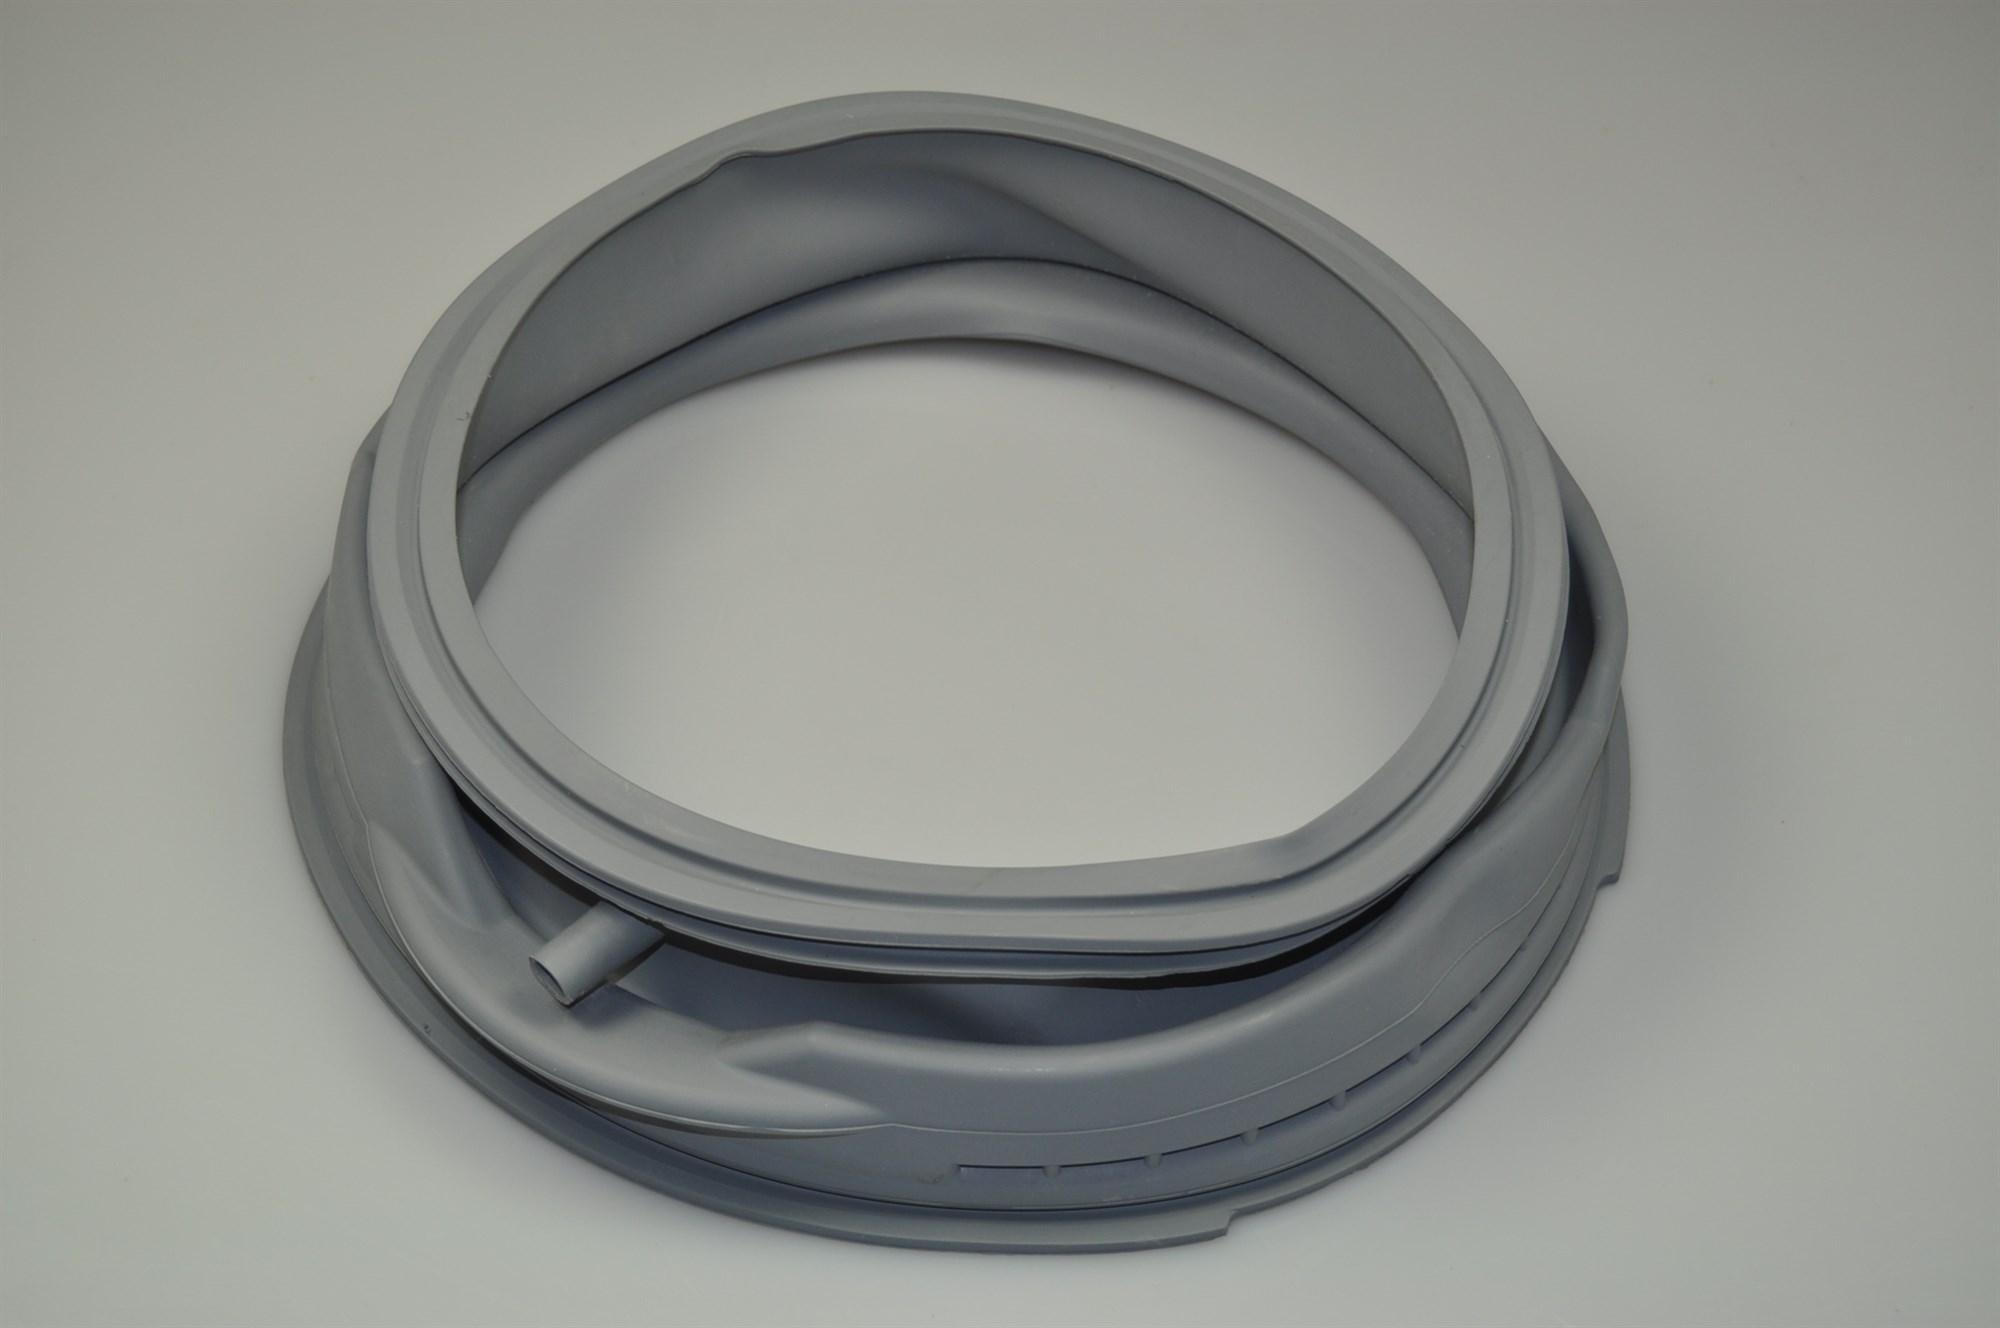 Siemens Kühlschrank Dichtung Ersatzteile : Dichtungsring siemens waschmaschine gummi